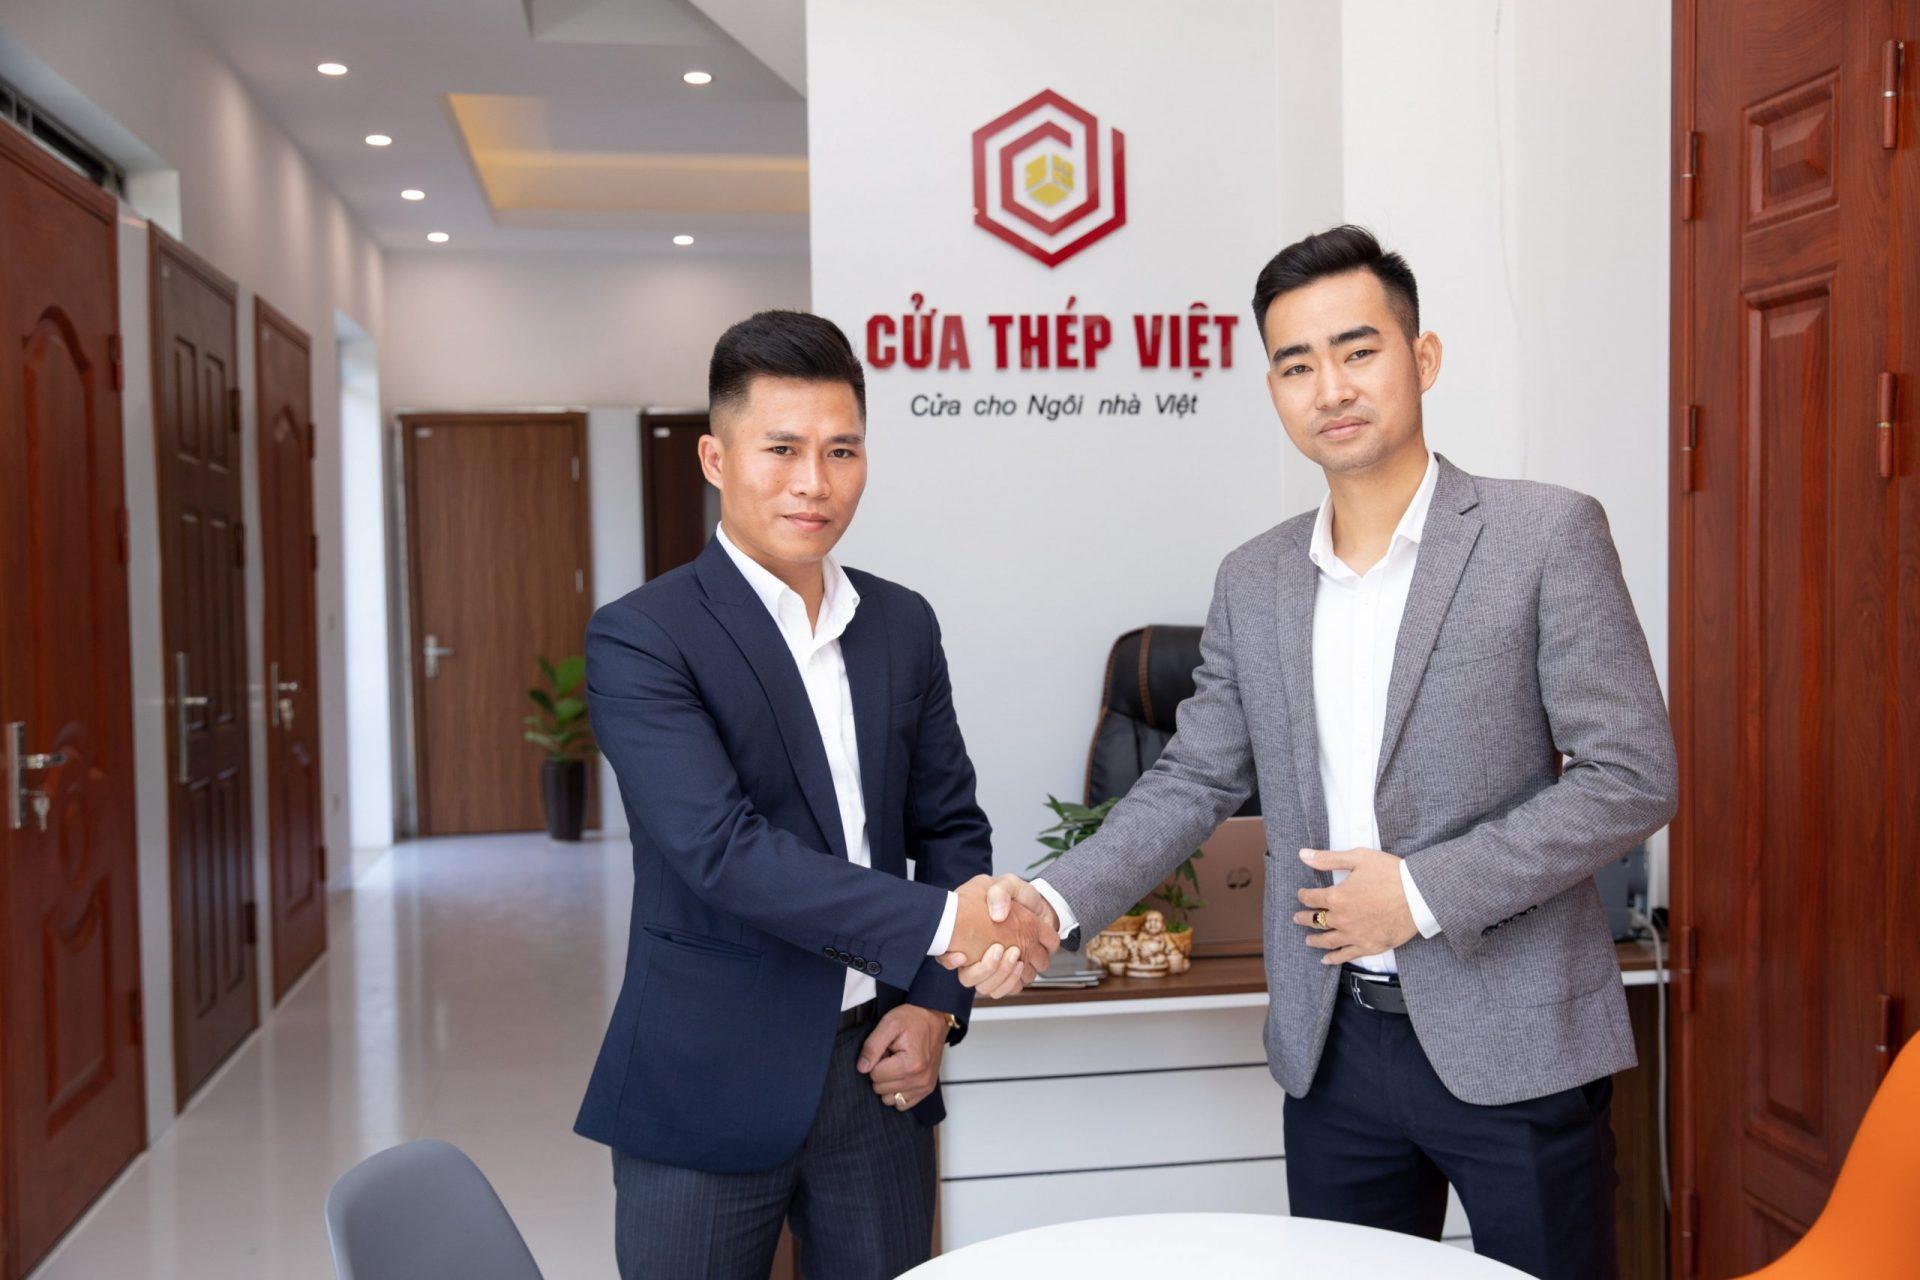 Nhà phân phối Cửa thép Việt uy tín số 1 tại Bắc Giang